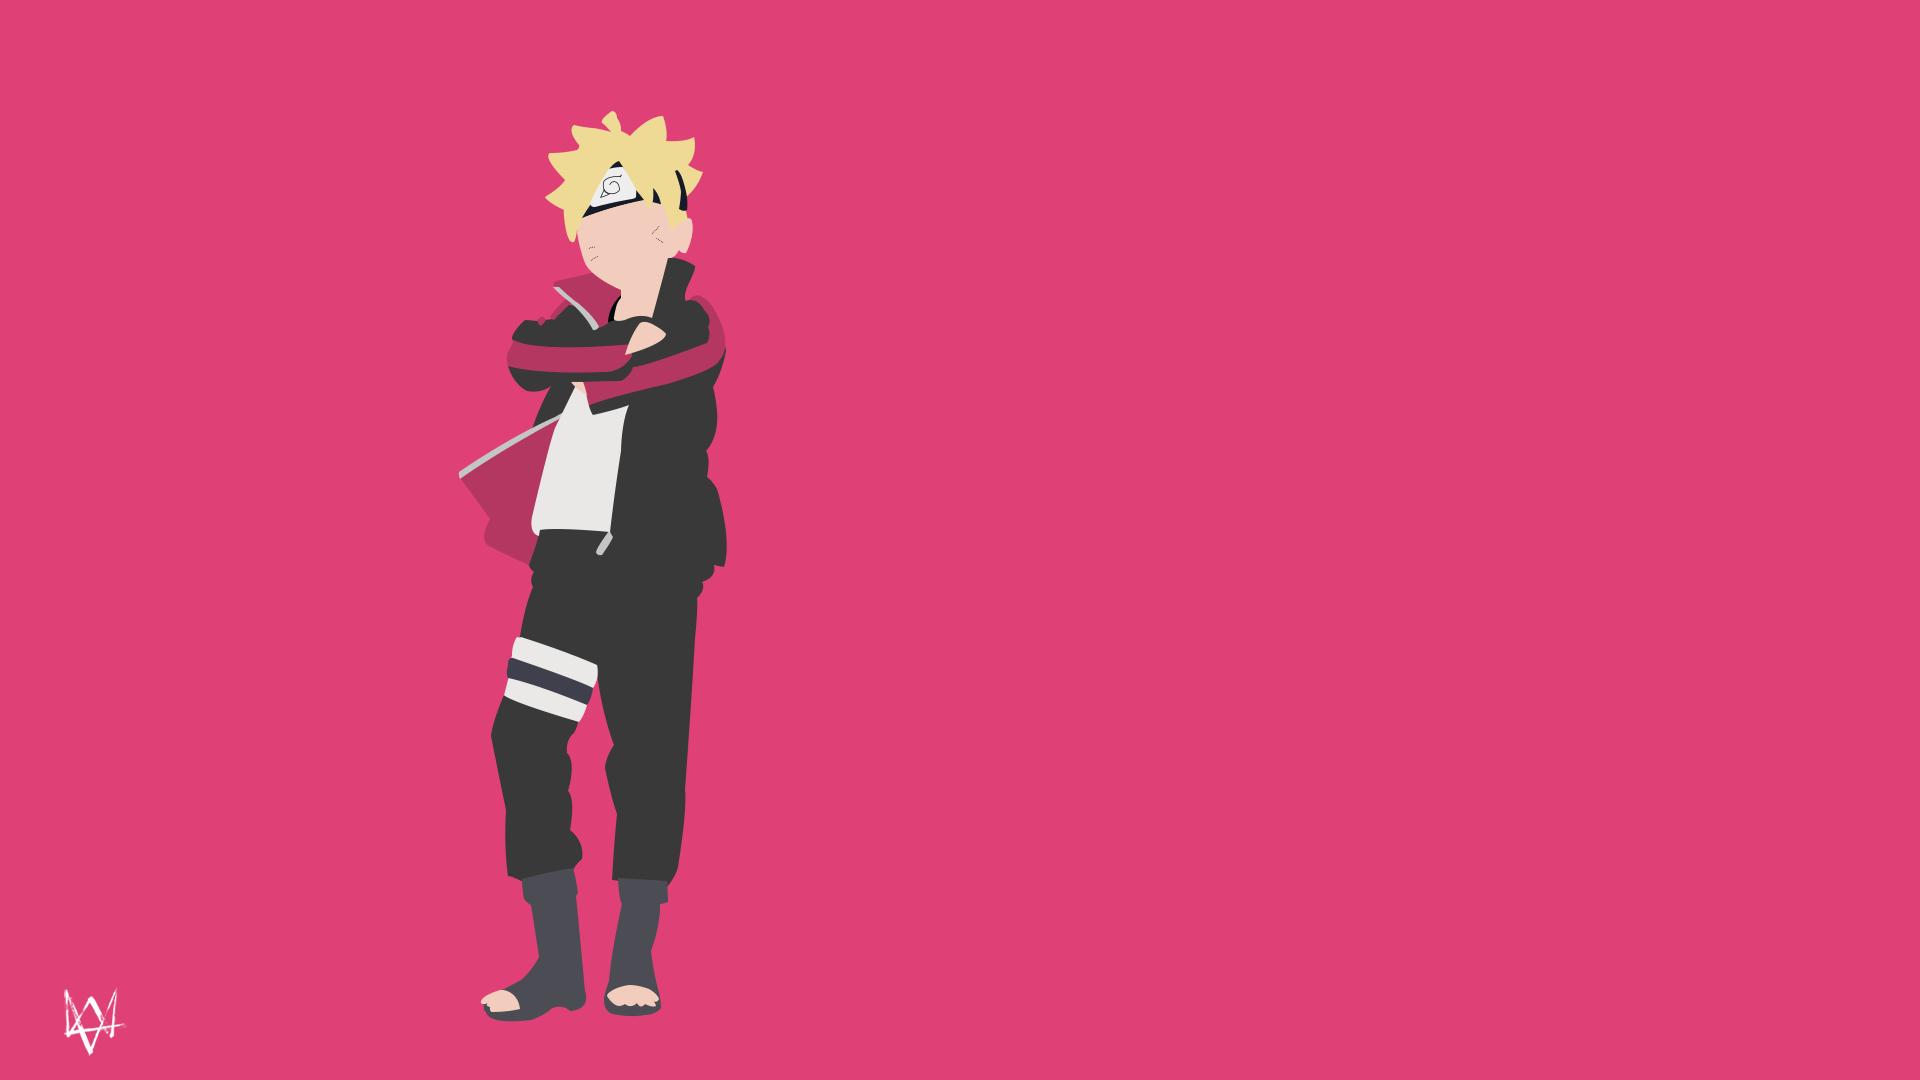 Cool Wallpaper Naruto Minimalistic - f192c2c80a190c16bc63f1790015d32a  Pic_508619.png